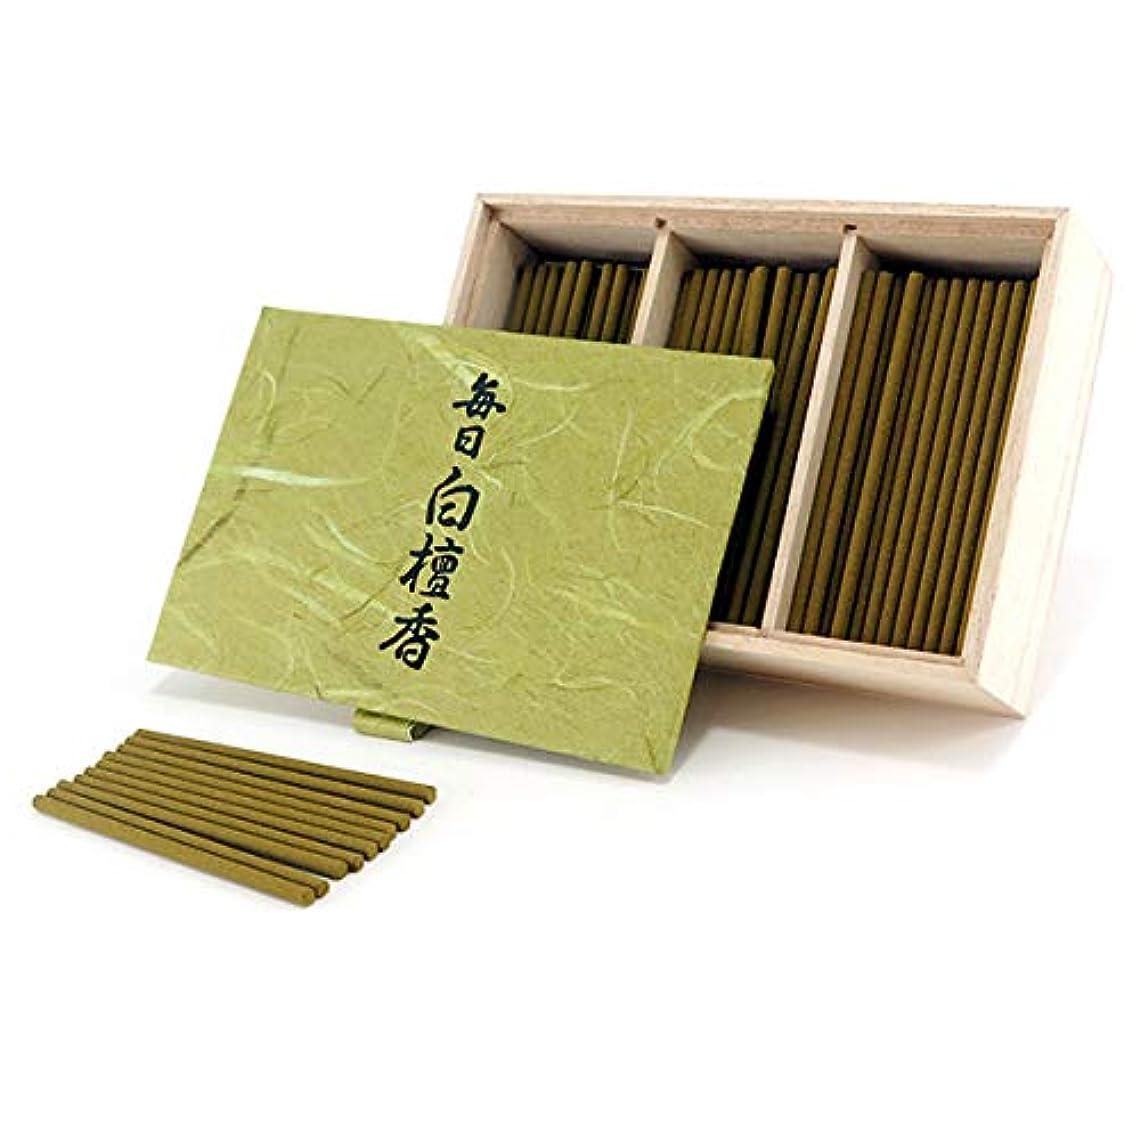 アプライアンス森デッドロック日本香堂のお香 毎日白檀香 スティックミニ寸お徳用150本入り